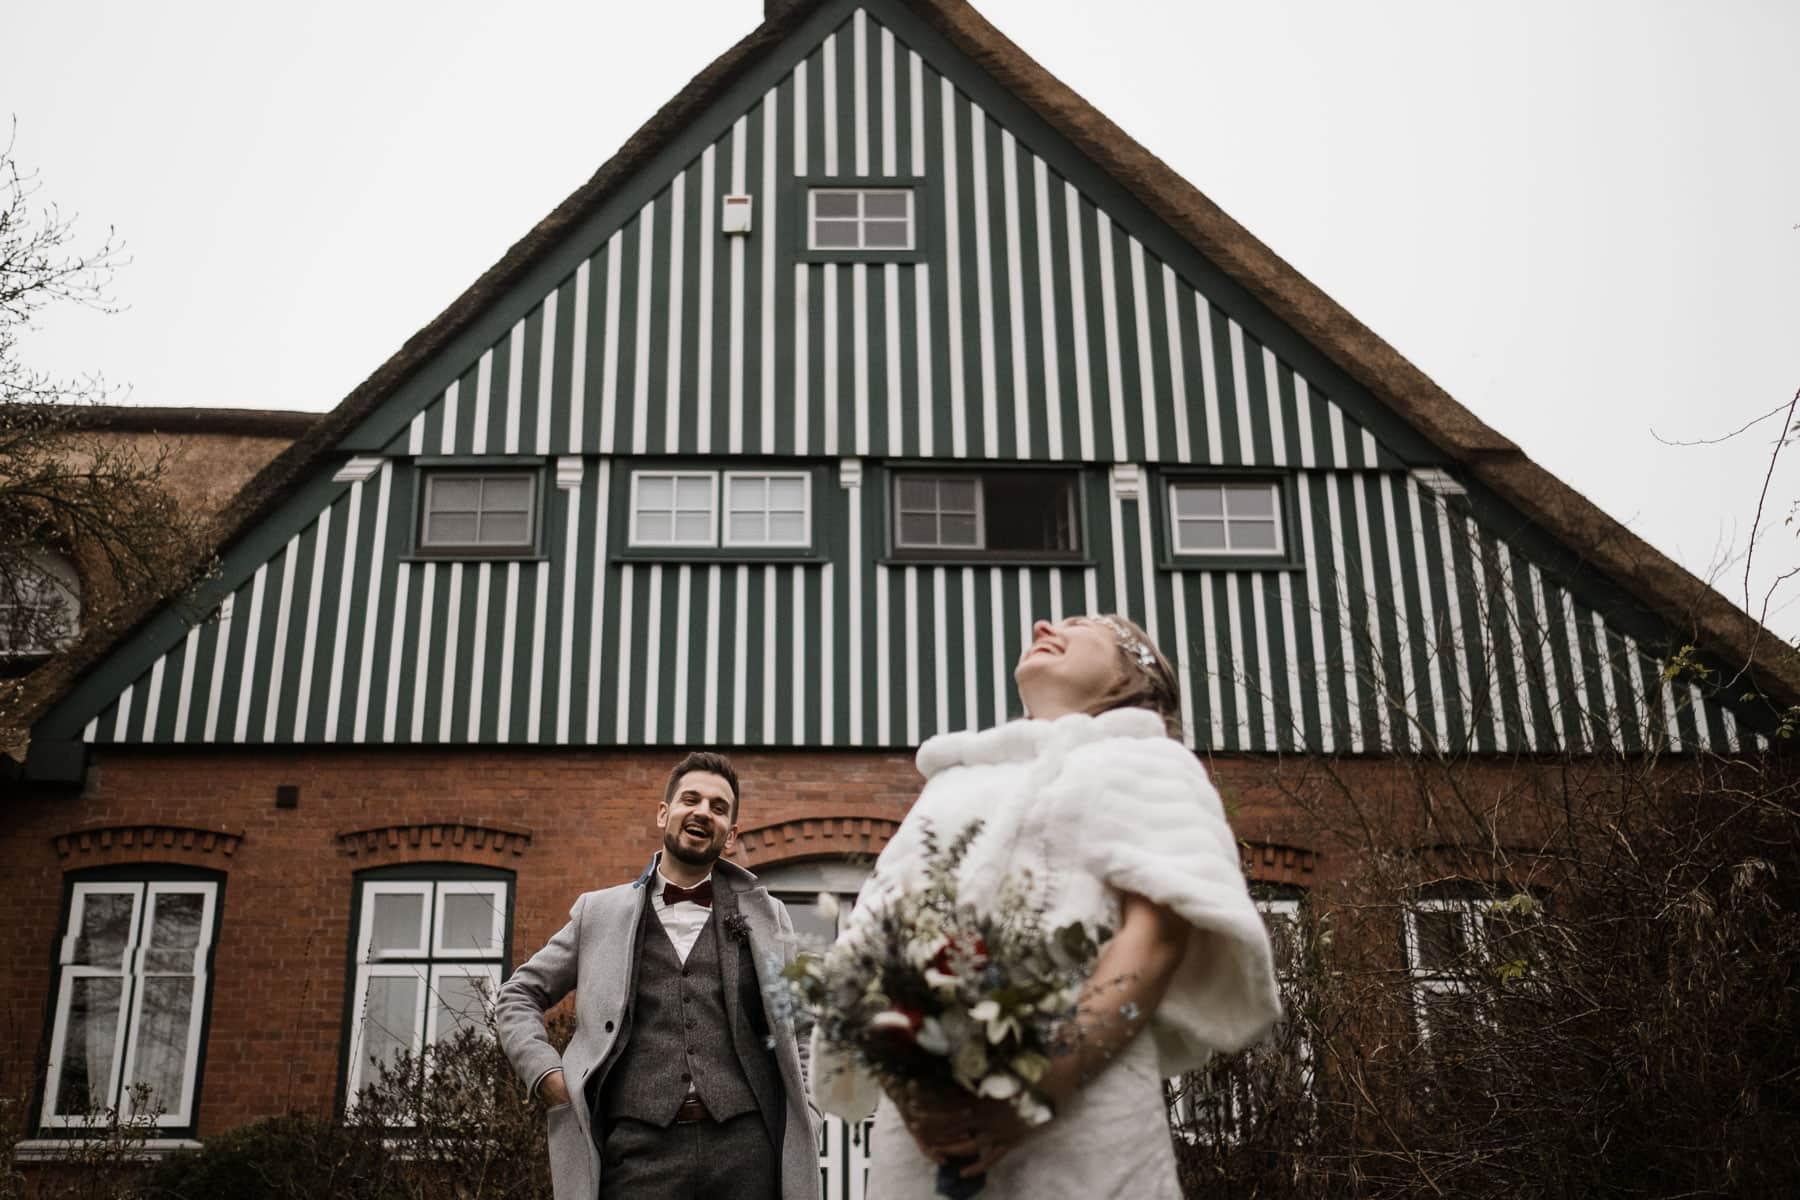 vor einem Landhaus steht ein Brautpaar, der Giebel des Hauses ist mit weißen und grünen Holtbrettern vertäflt, das Haus hat Sprossenfenster aus Holz, die Braut trägt ein langes Brautkleid mit einem Pelzumhang, sowie einen großen Blumenstrauß in der Hand, der Bräutigam trägt über seinen Anzug einen Wollmantel, die Braut legt ihren Kopf in den Nacken und lacht dabei, der Bräutigam schaut auf die Braut